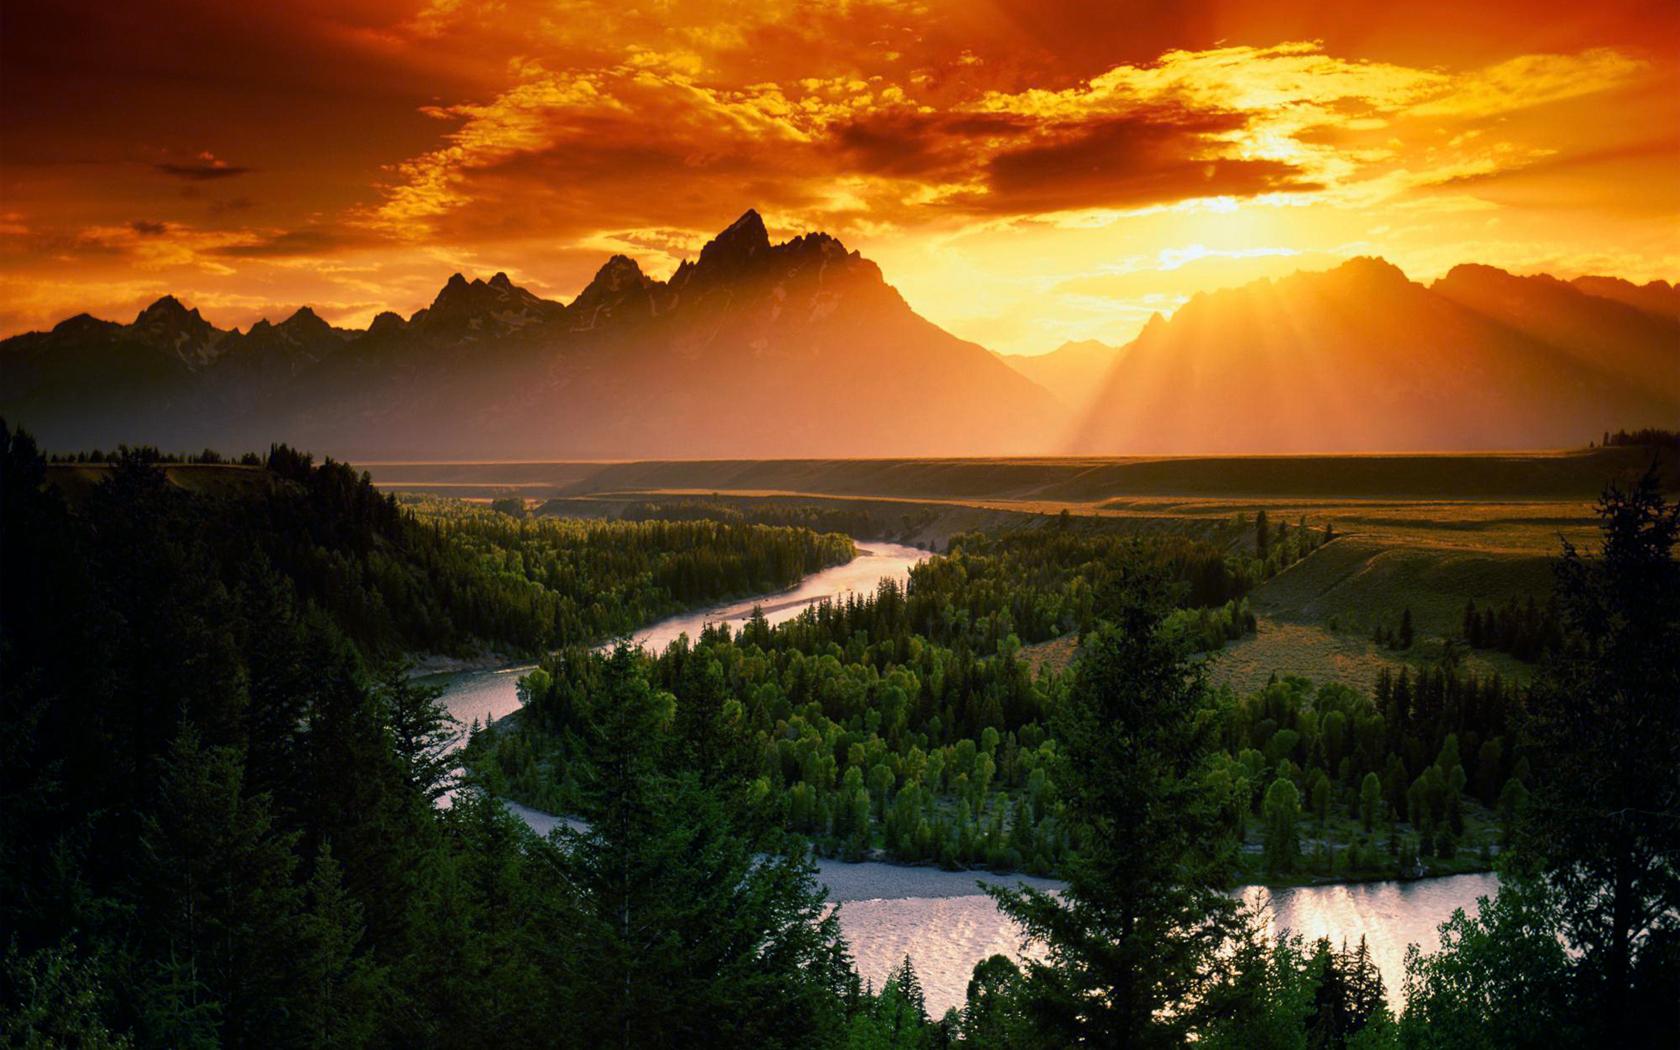 Sunsets and Sunrises images SunSetSunRise wallpaper photos 21056744 1680x1050